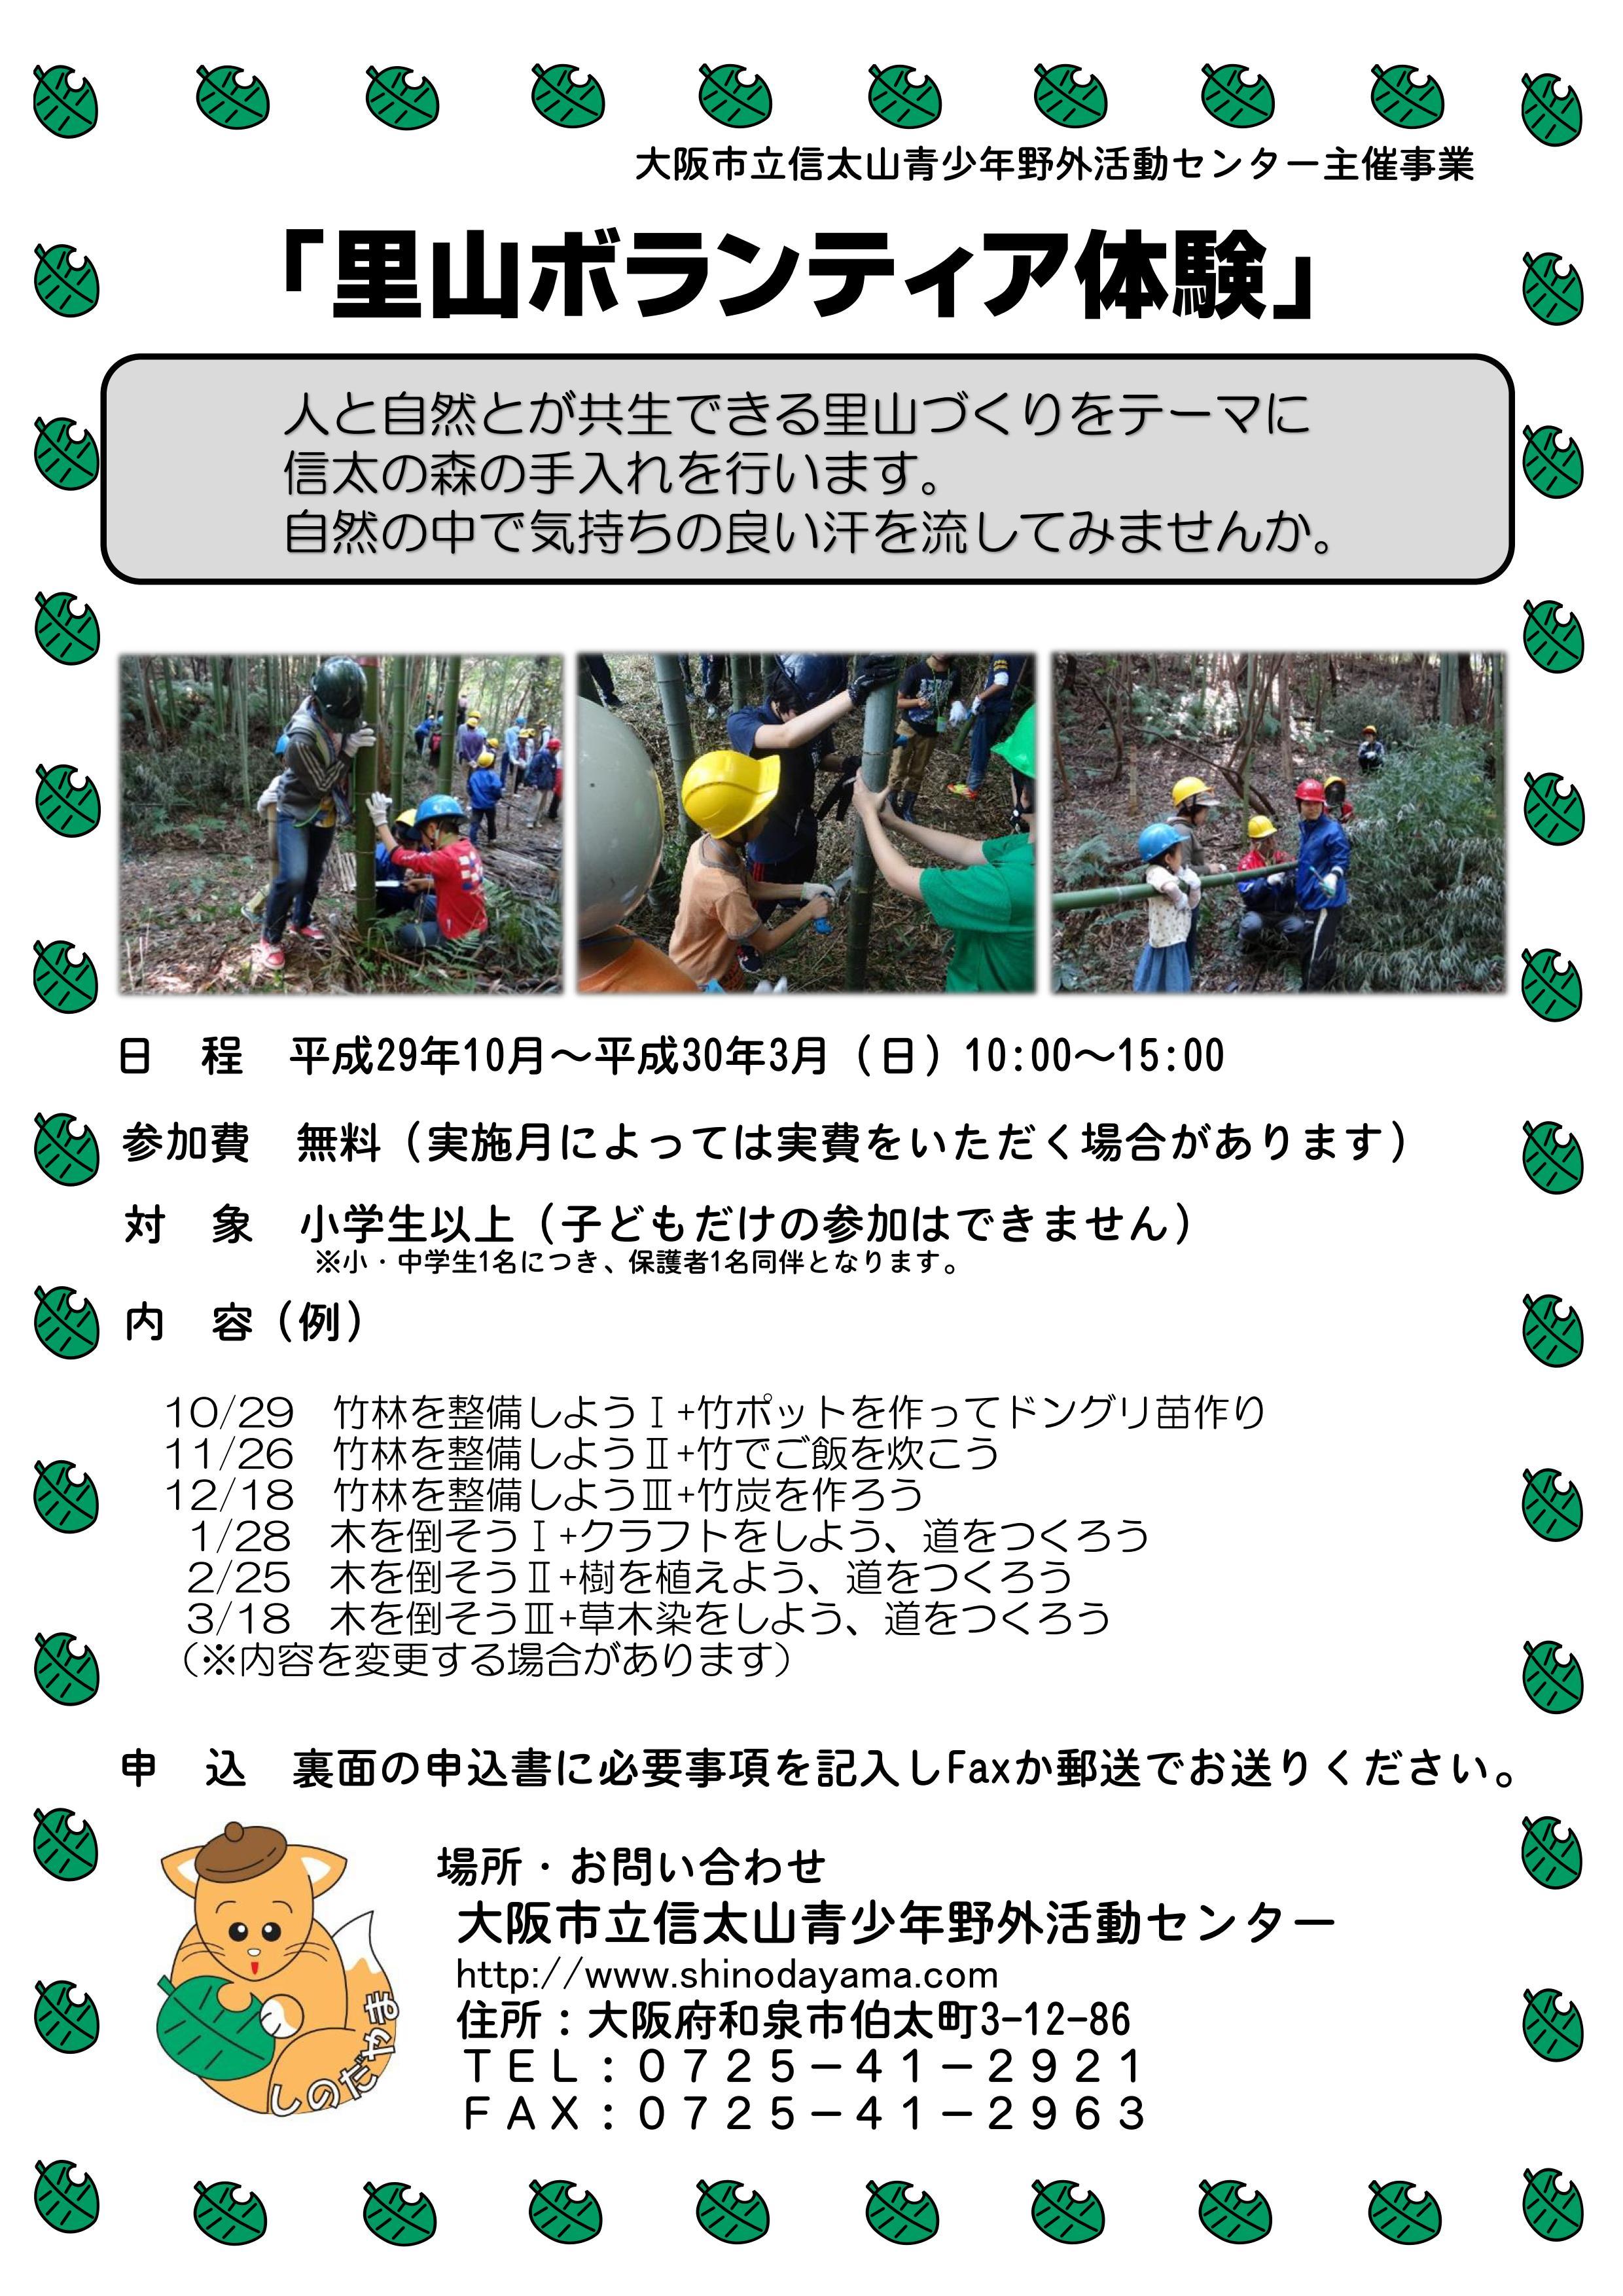 信太山 里山ボランティア_01